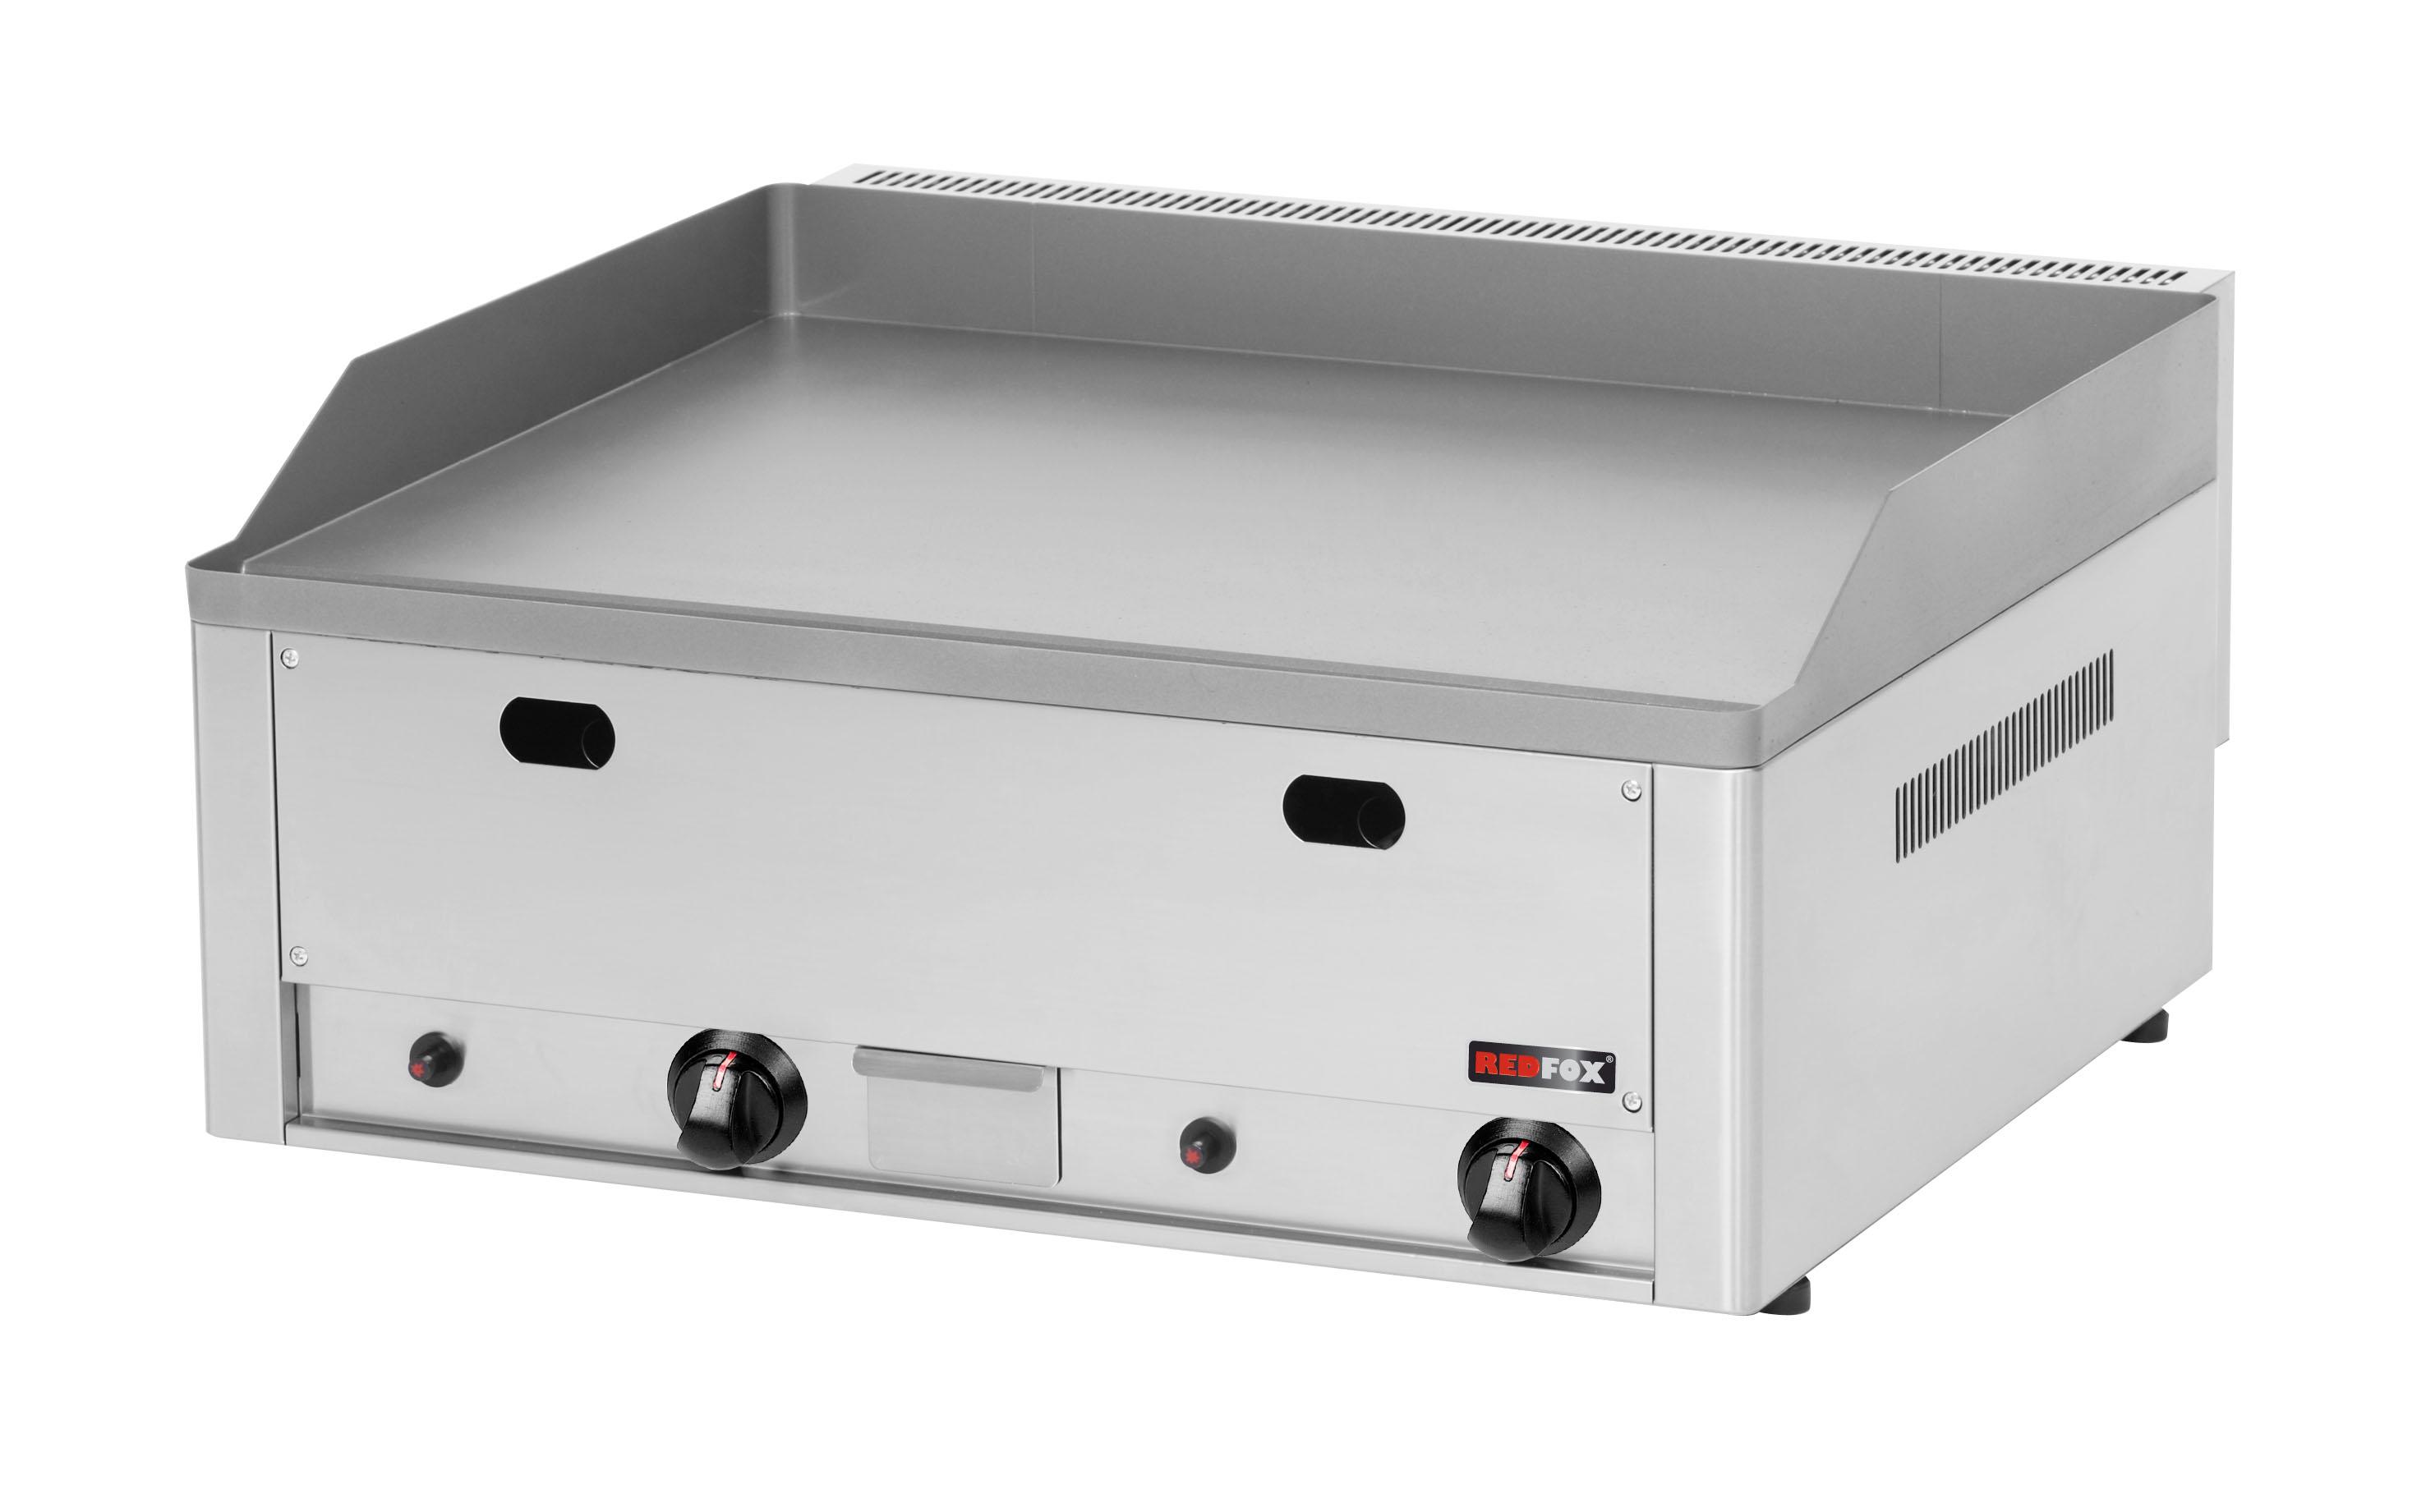 Deska grilovací plynová FTH 60 G hladká ocelová REDFOX